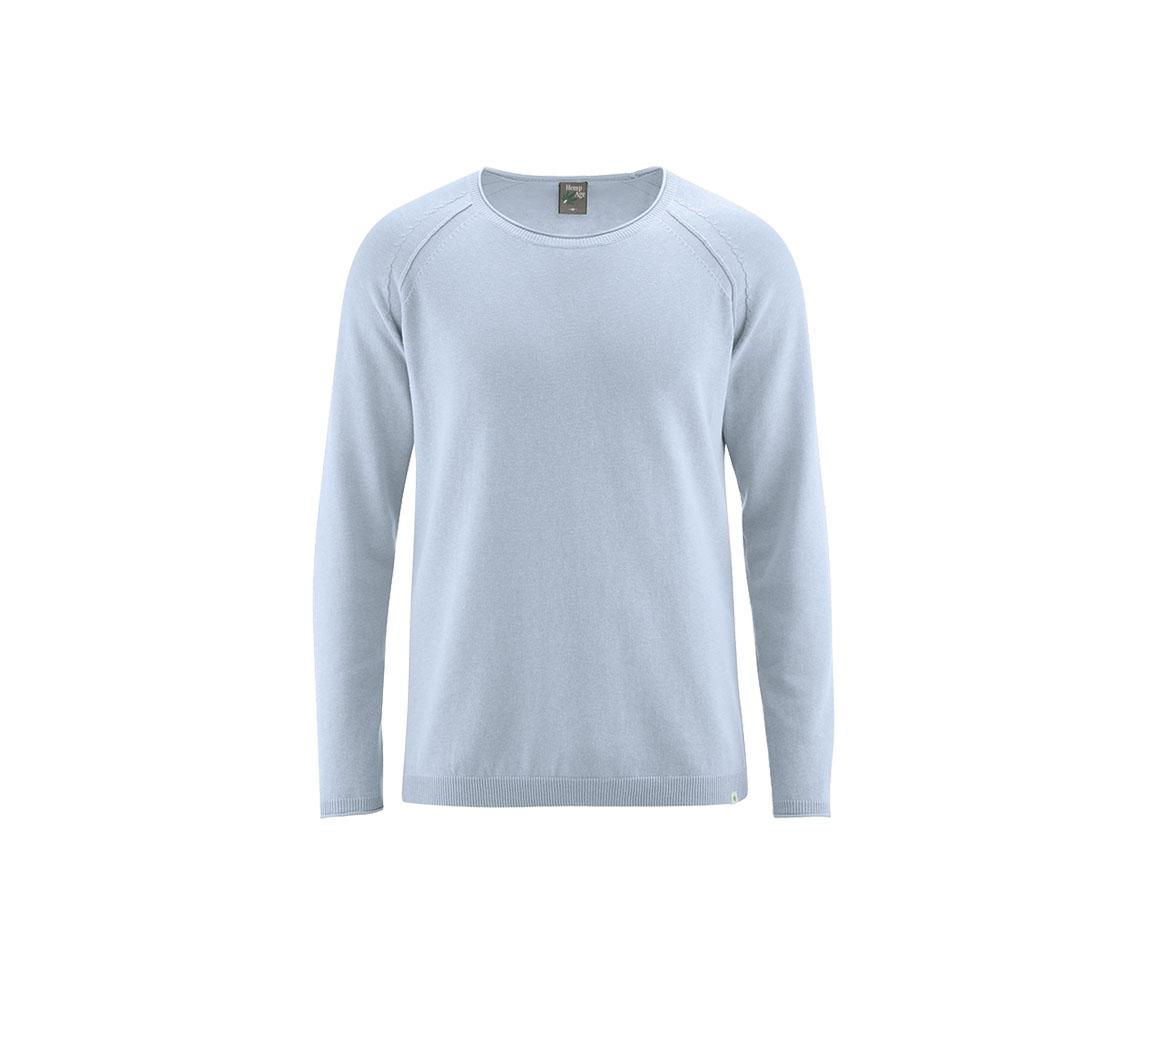 Pull homme en chanvre Pullover tricoté